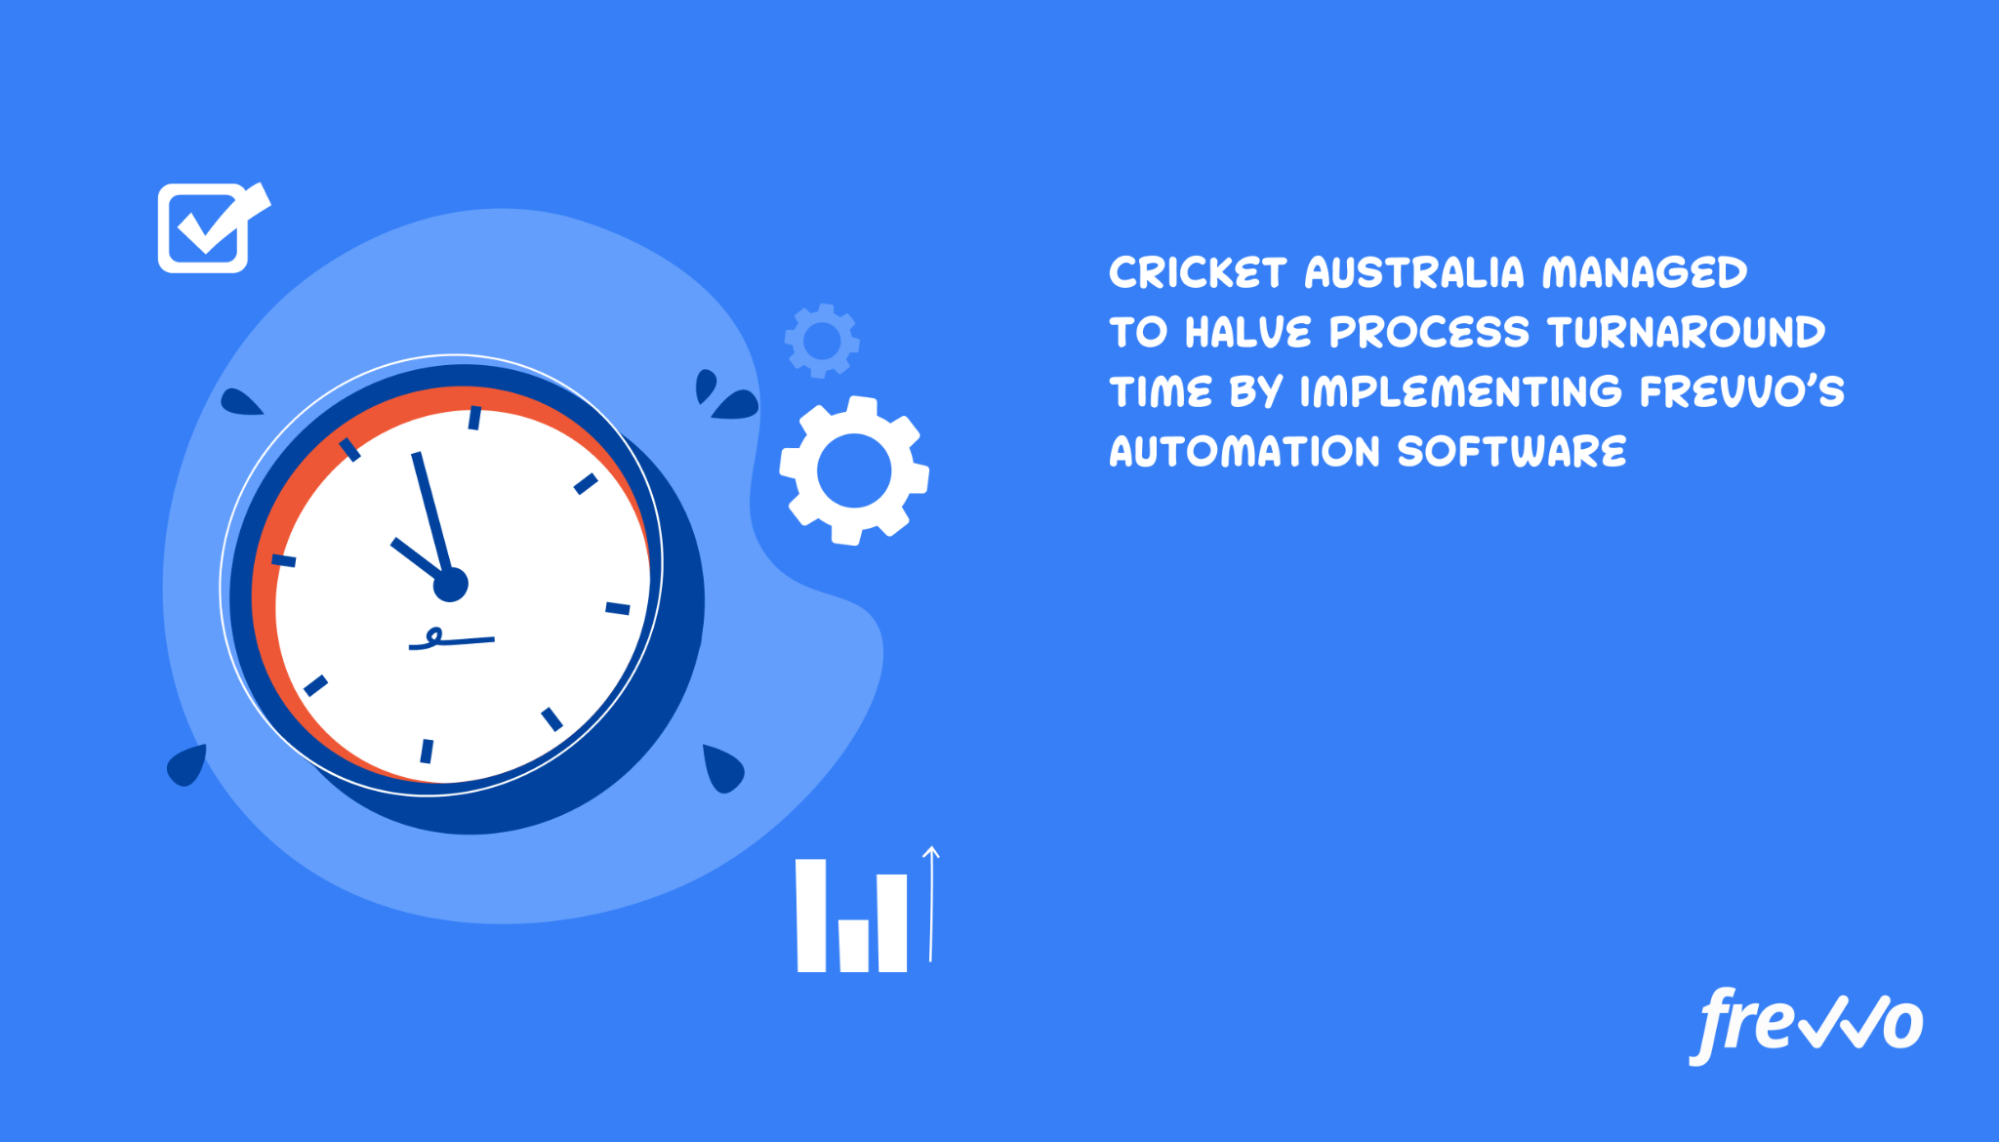 Cricket Australia example